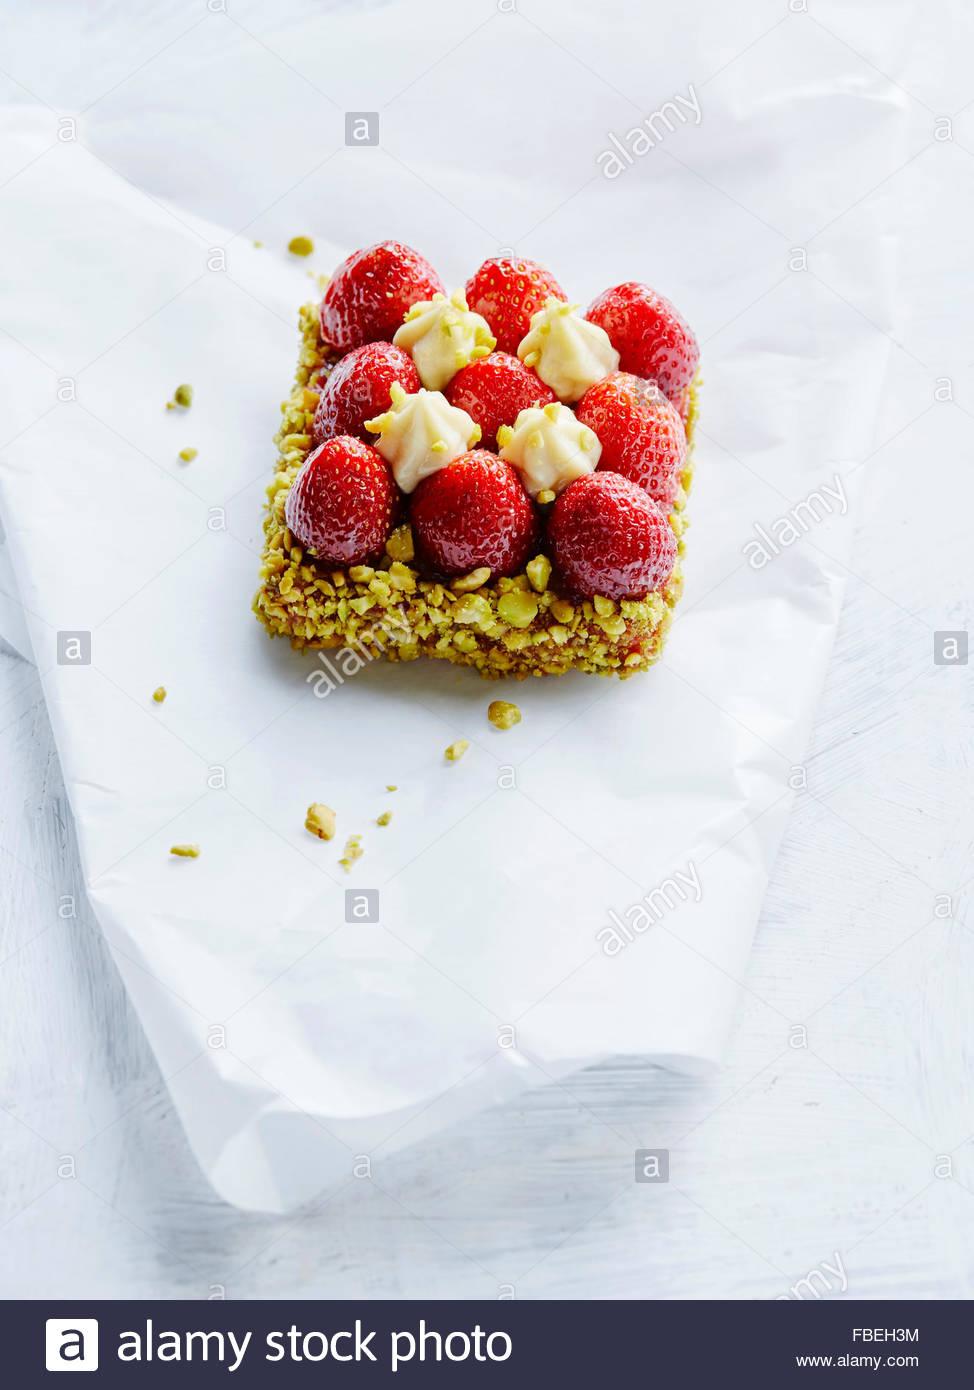 Le gros plan du tatalete avec fraises pistaches Photo Stock